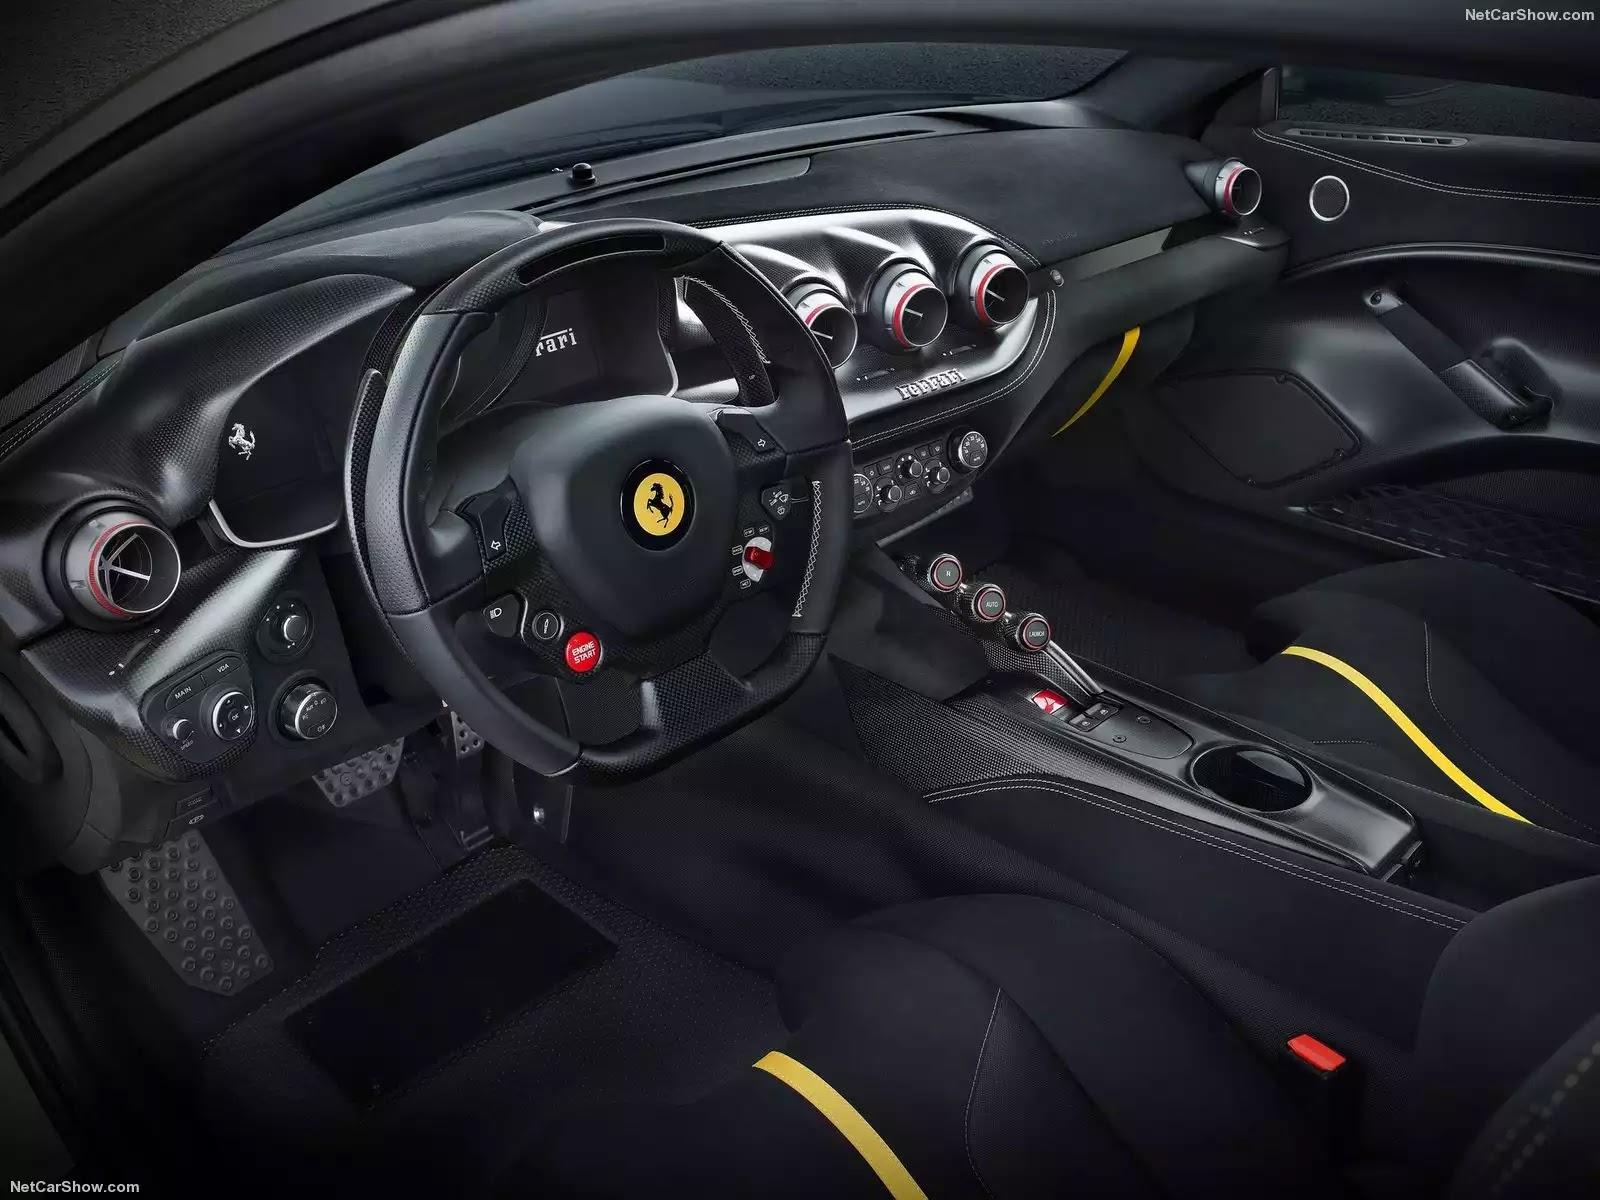 Hình ảnh siêu xe Ferrari F12tdf 2016 & nội ngoại thất